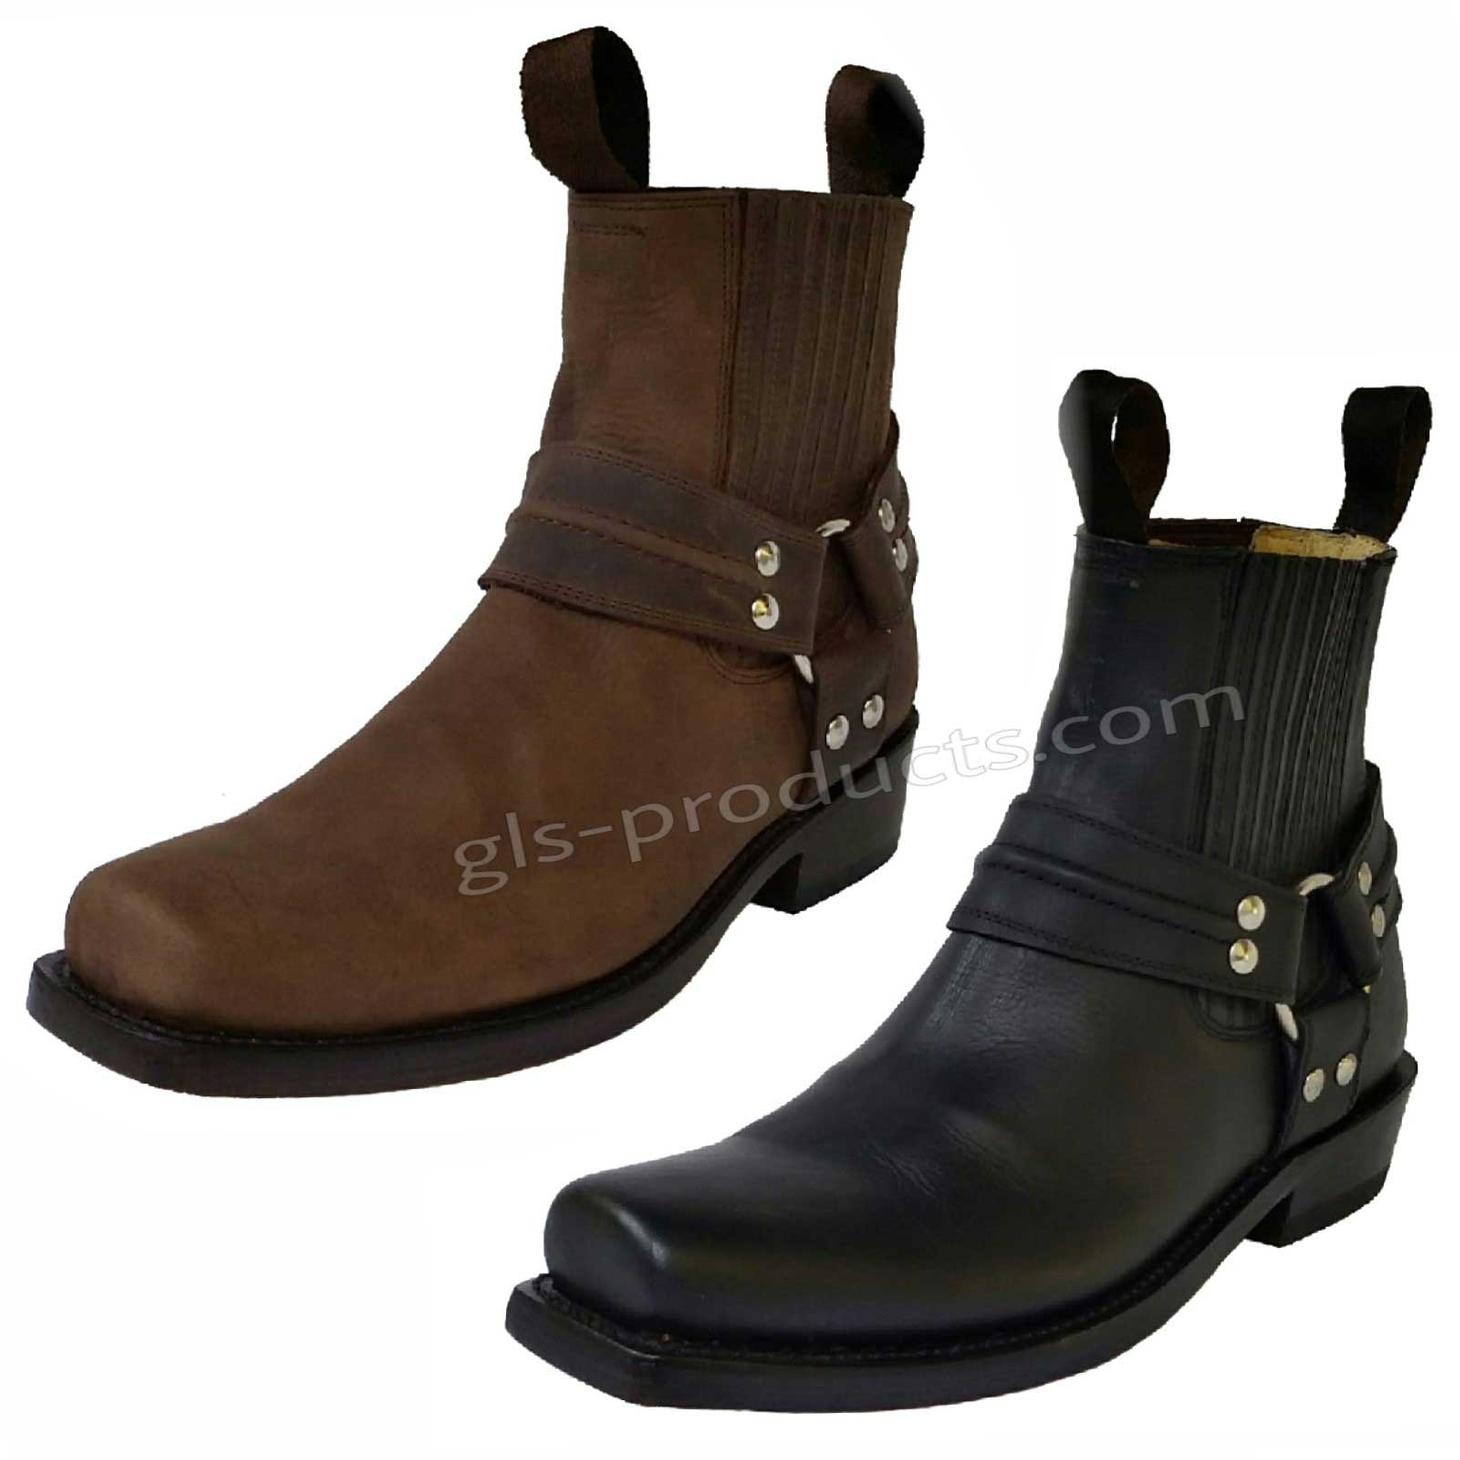 Mezcalero Ankle Biker Boots – Picture 1